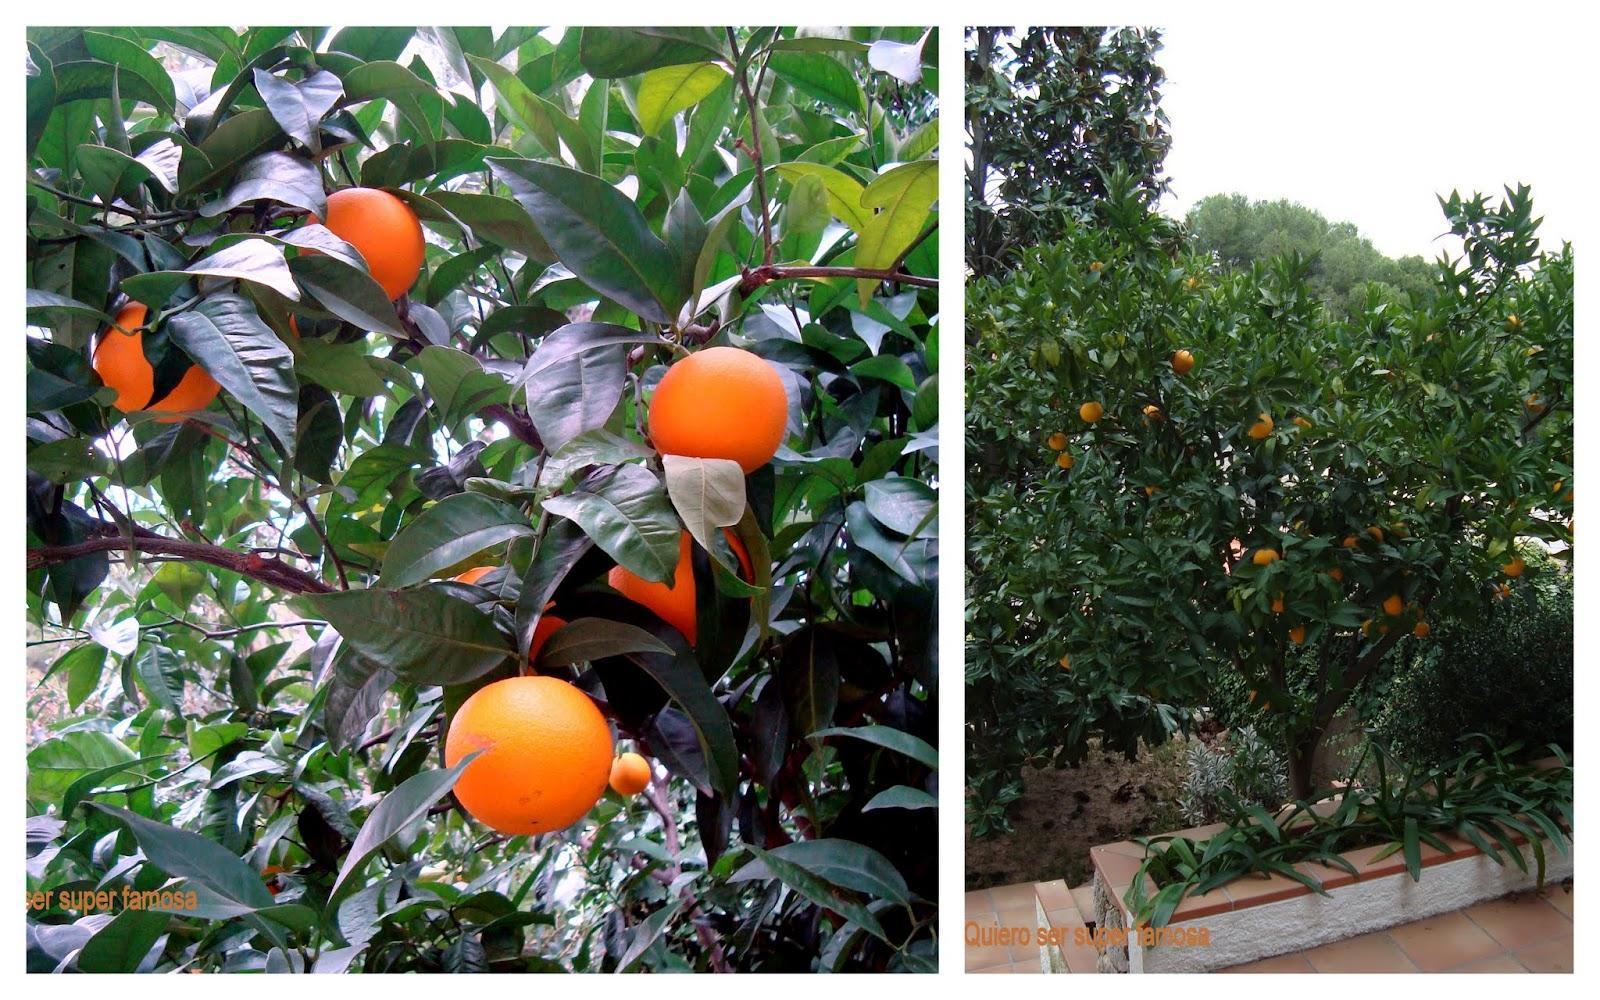 QUIERO SER SÚPER FAMOSA: Smoothie de naranja, zanahoria, y manzana